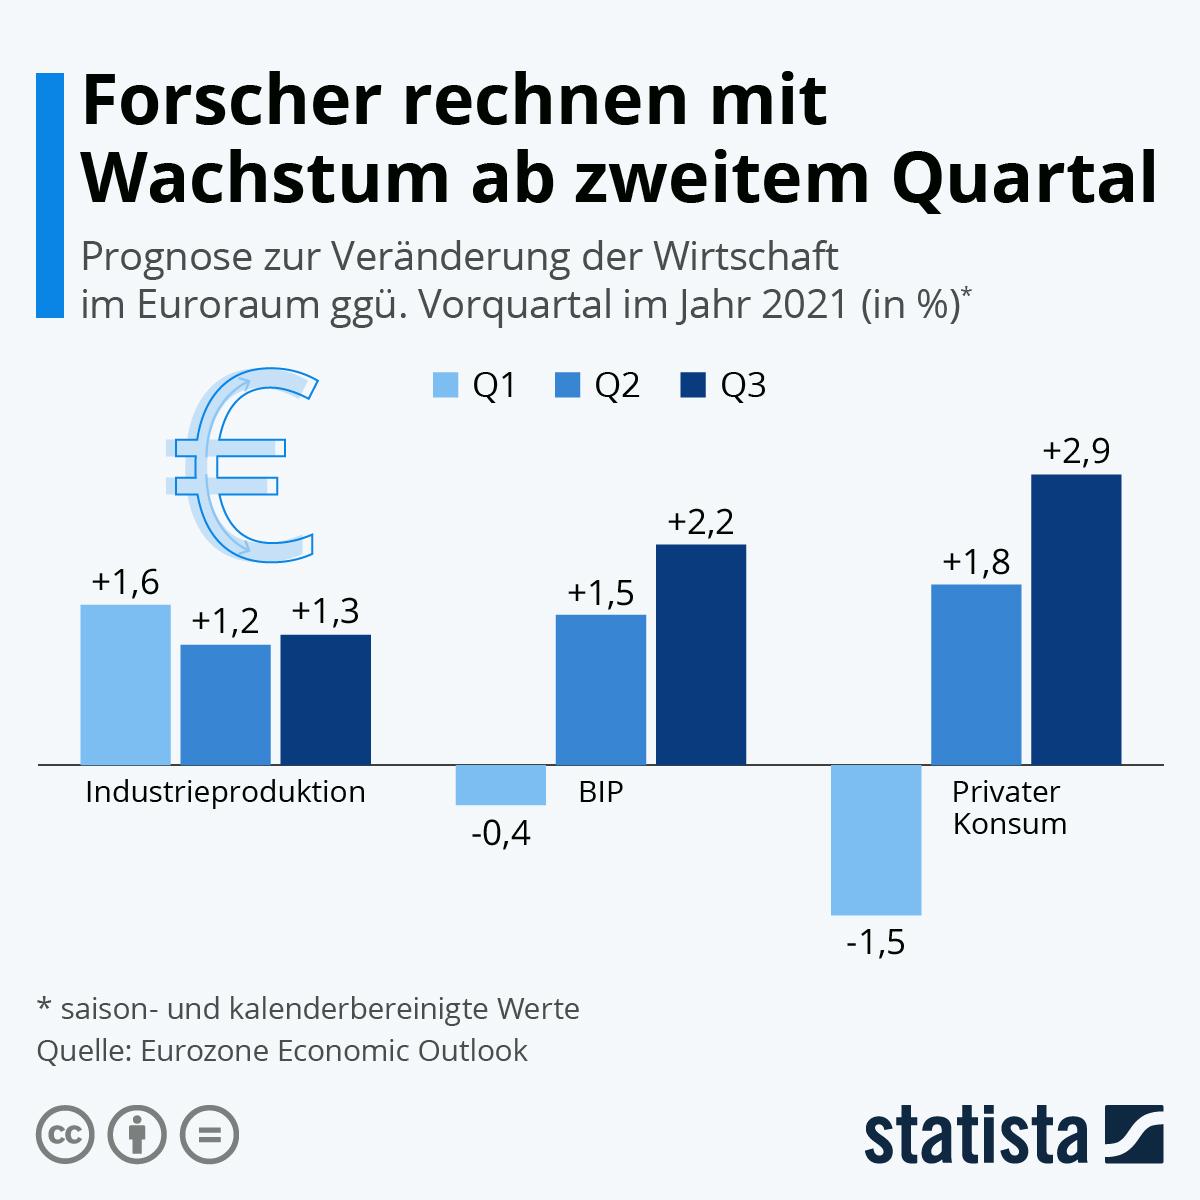 Infografik: Forscher rechnen mit Wachstum ab zweitem Quartal | Statista